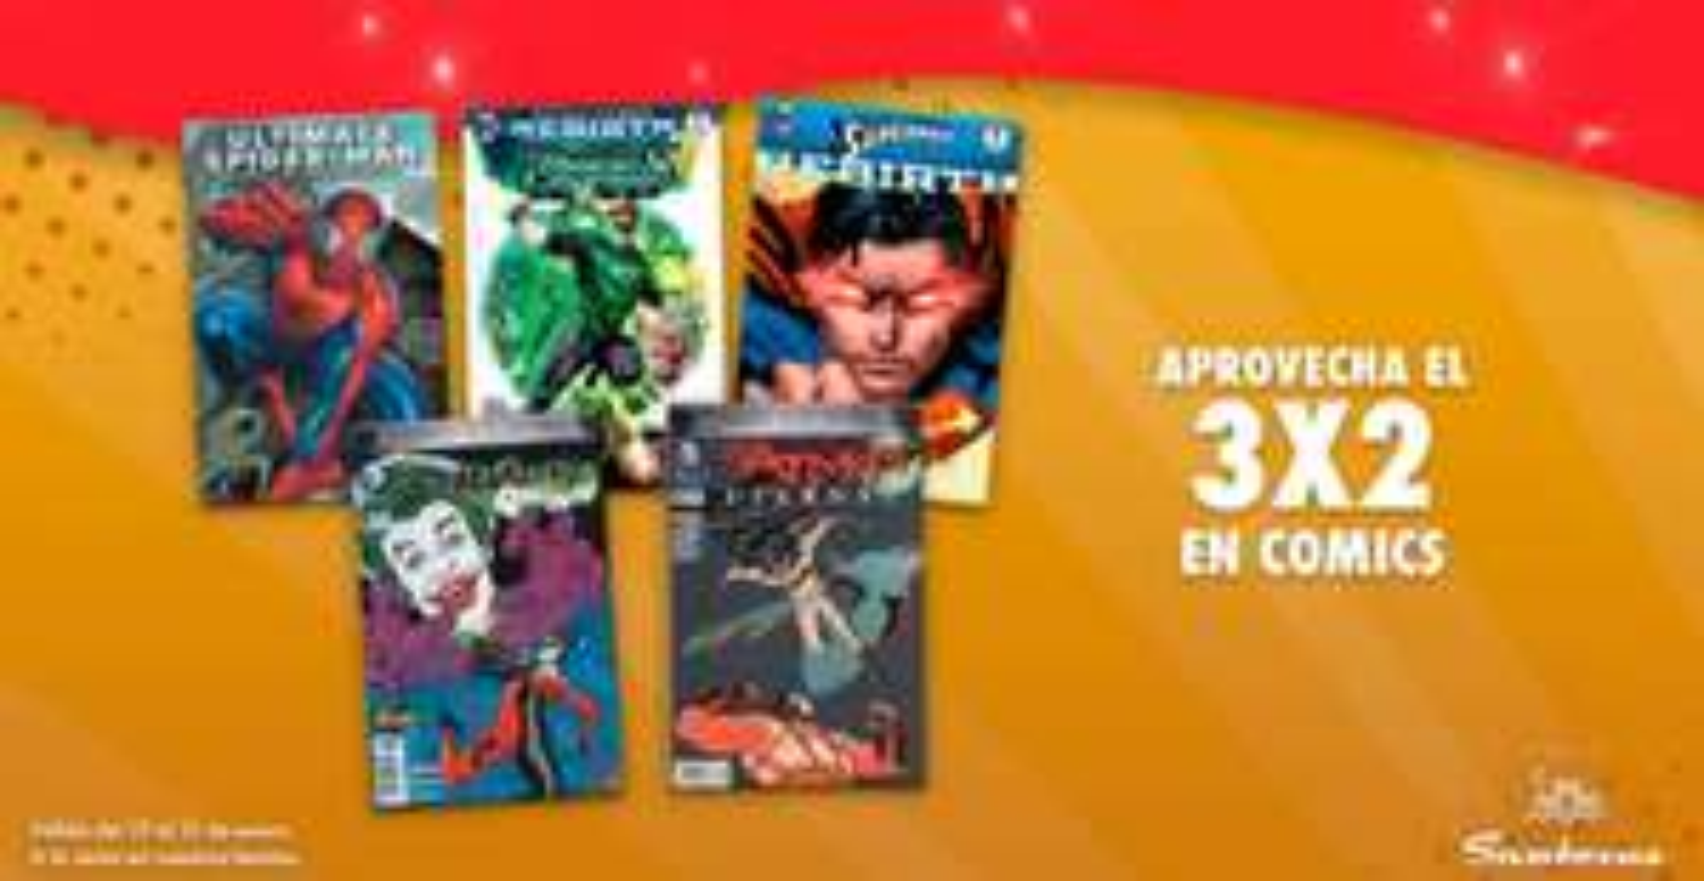 Sanborns: Comics al 3x2